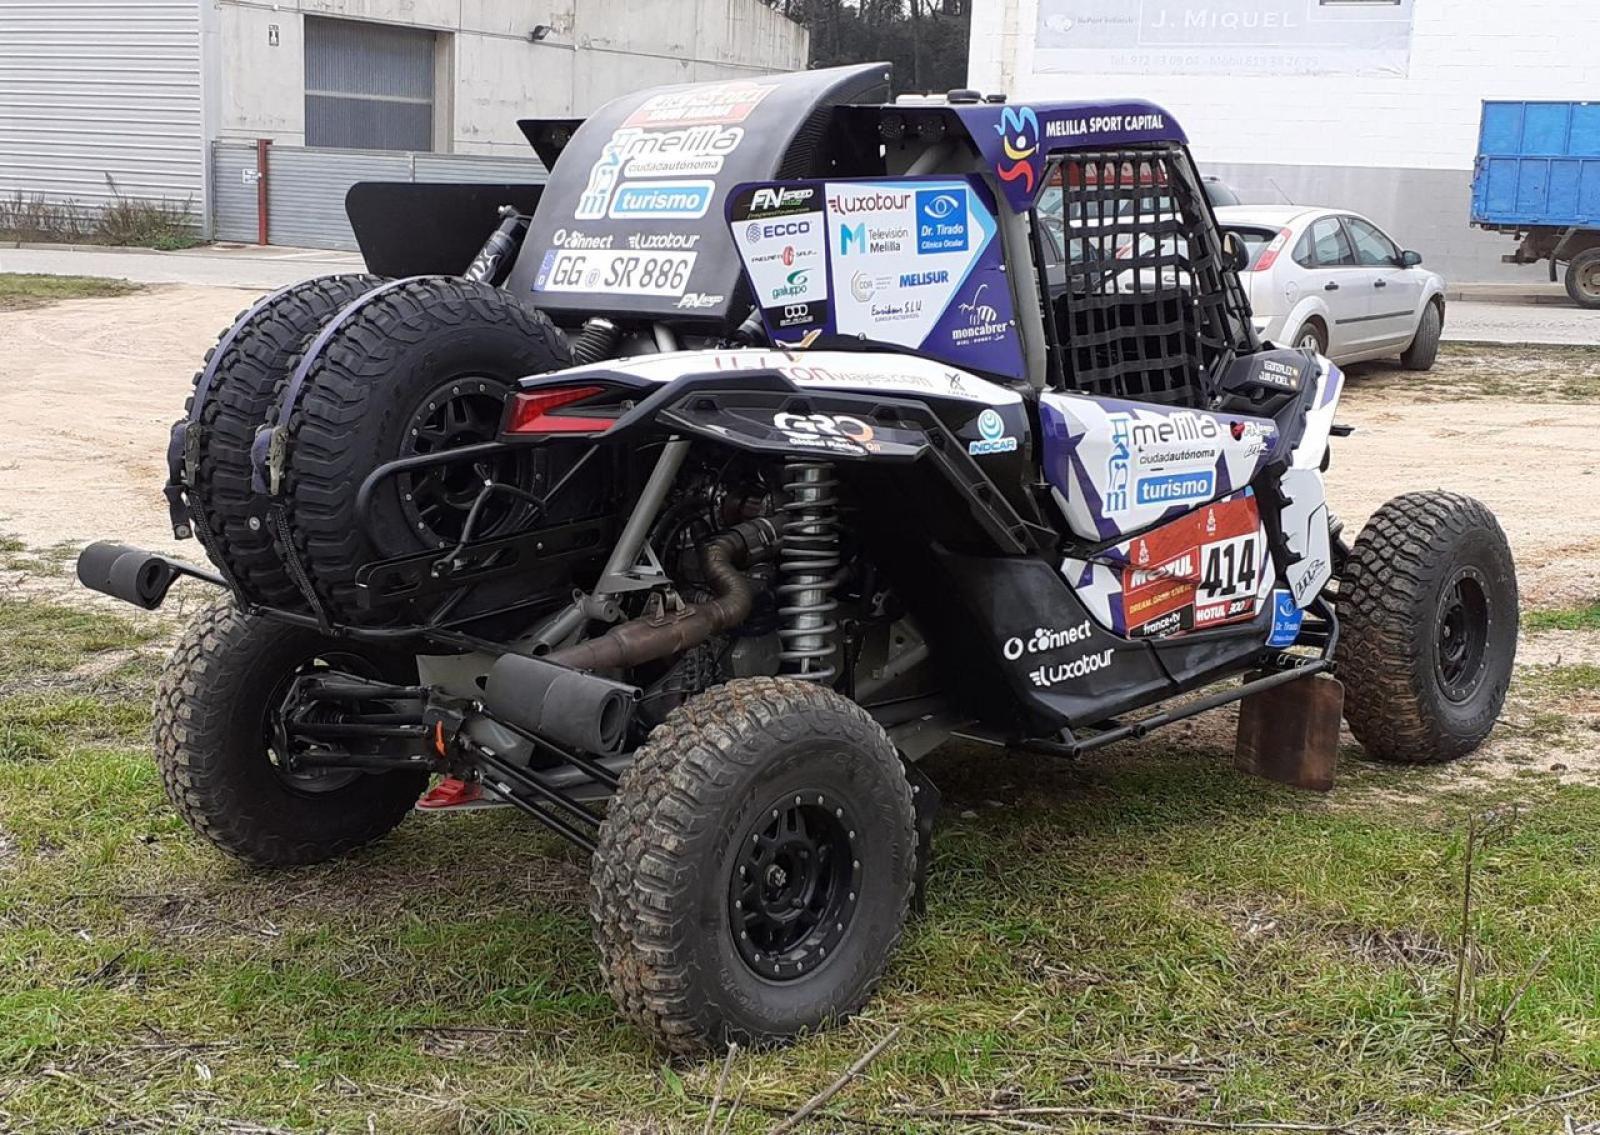 TOYOTA LANDCRUISER KDJ120 T2 FIA - 2